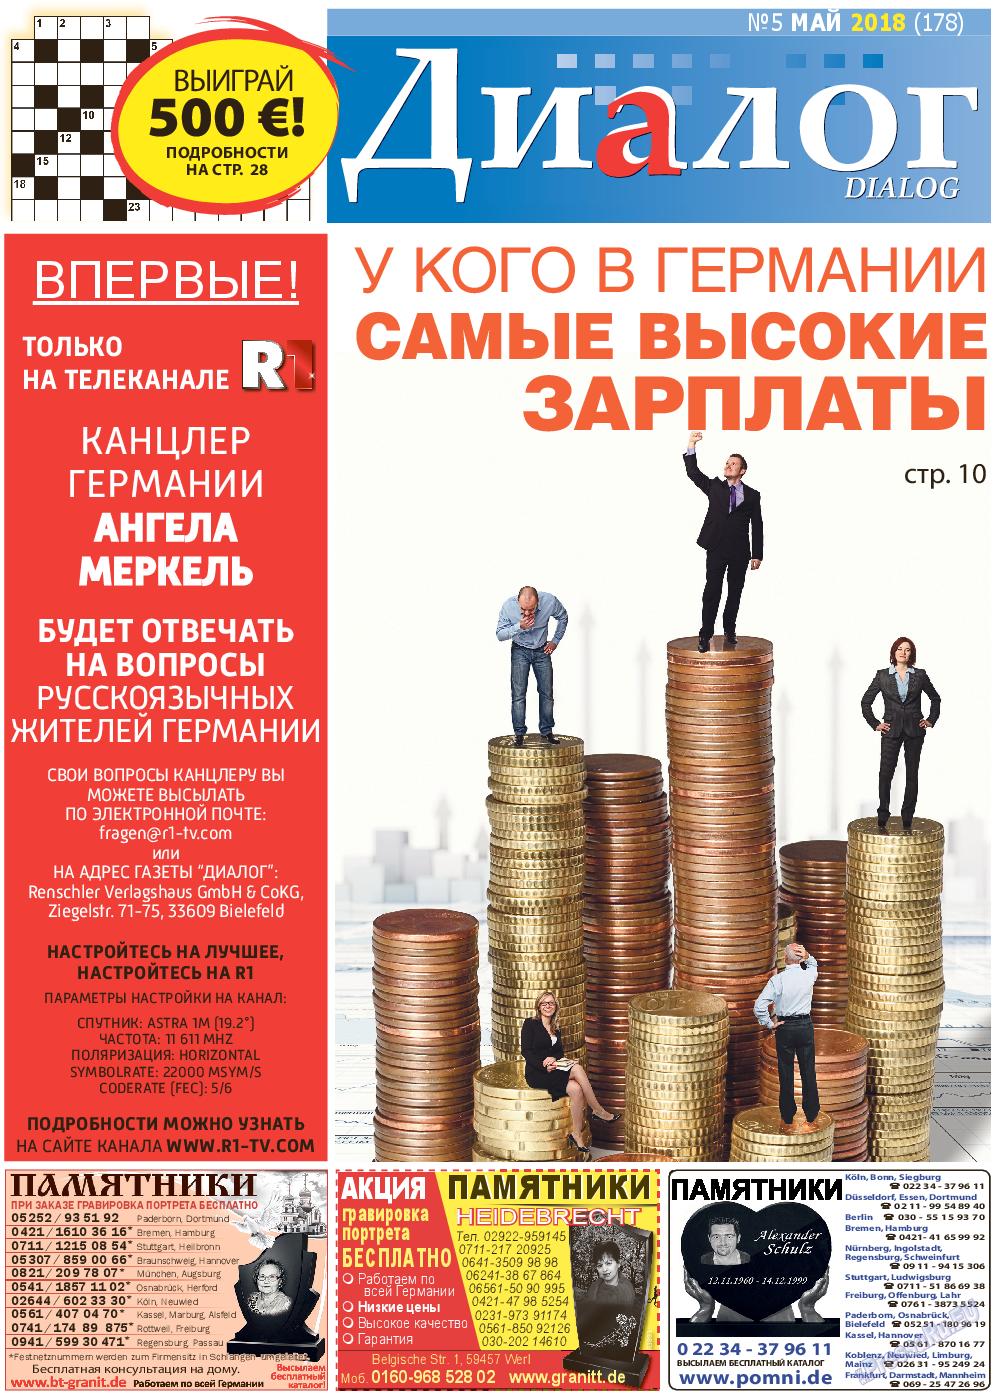 Диалог (газета). 2018 год, номер 5, стр. 1